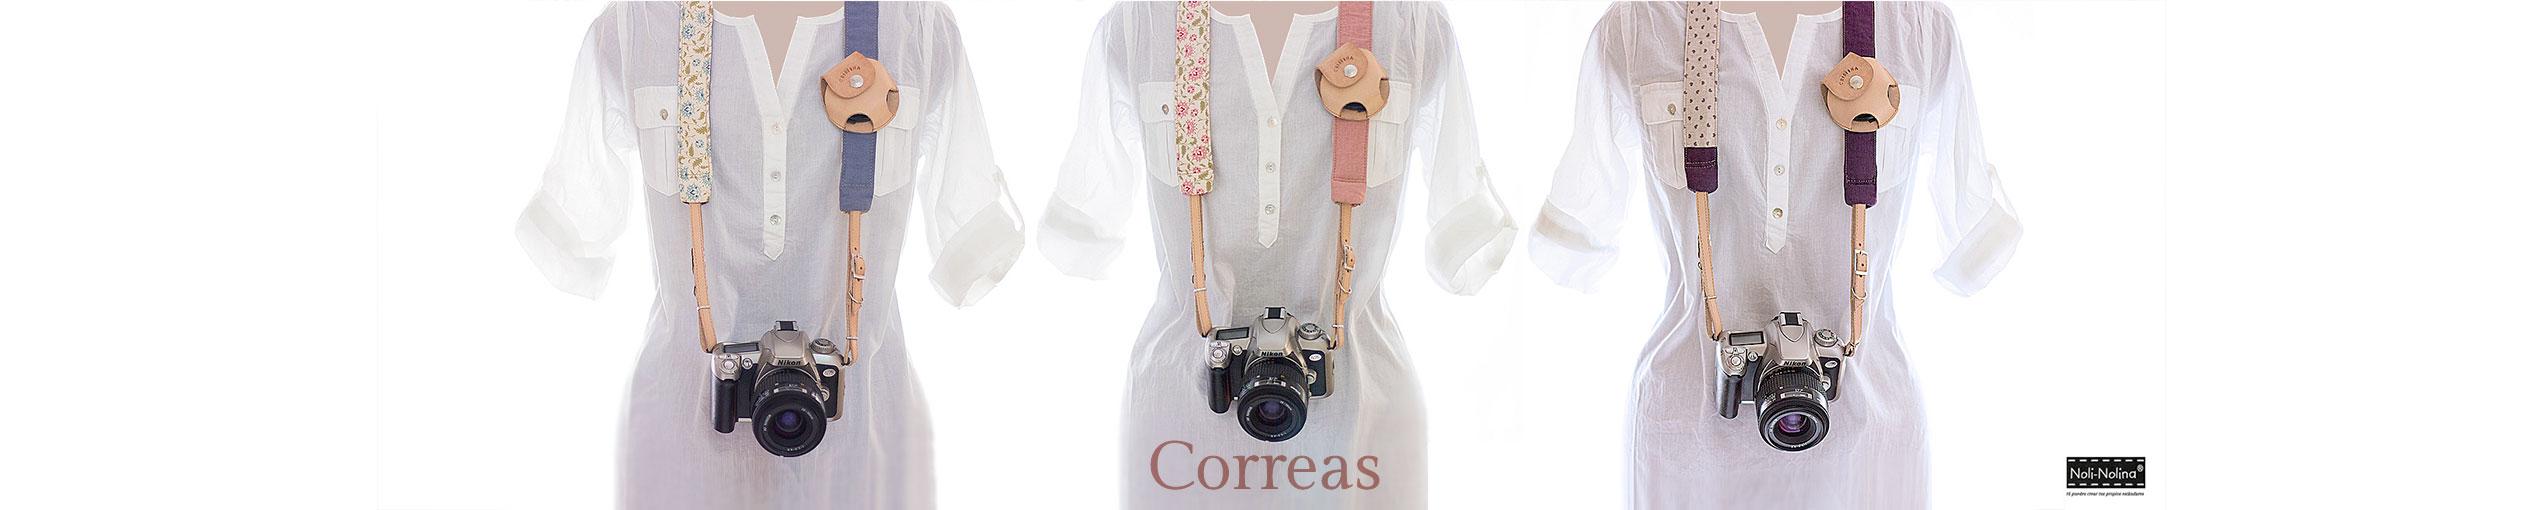 Correas Cristina Slide Cabecera Entrada Blog 2544×510